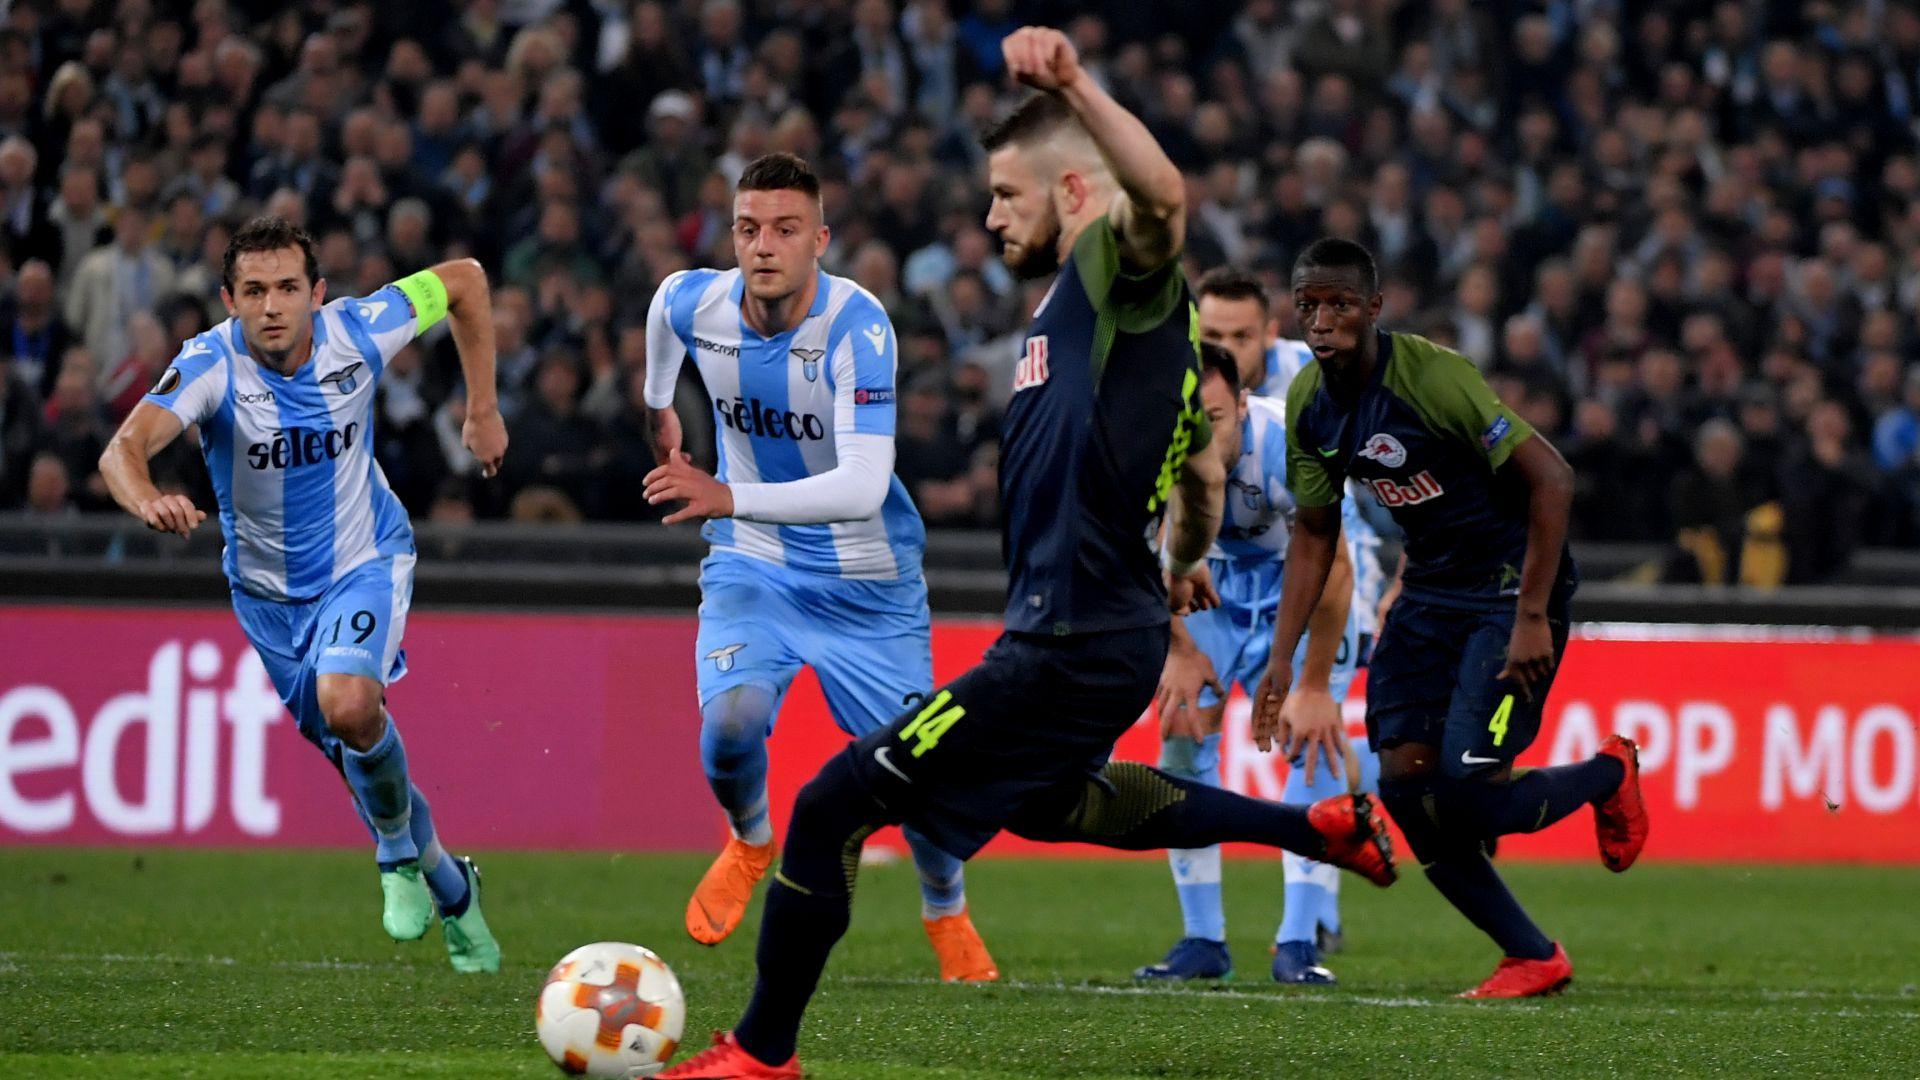 Diretta Sorteggio semifinali Europa League 2018: partite e accoppiamenti